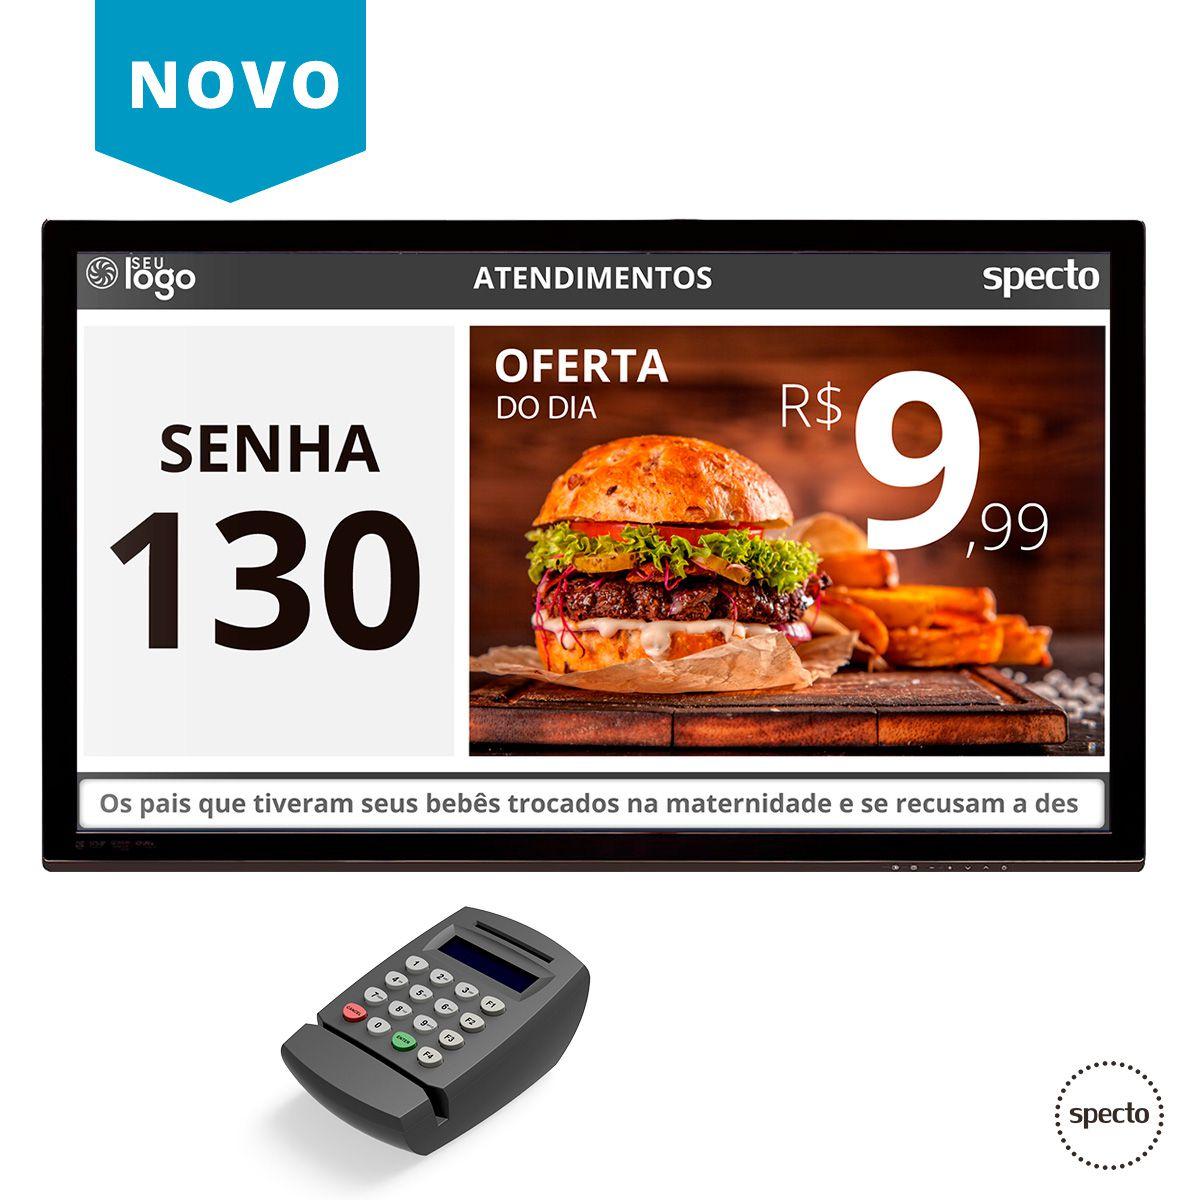 CHAMADOR DE COMANDA NA TV (COM TECLADO) - CHAPED TV (LOCAÇÃO)  -  Specto Tecnologia